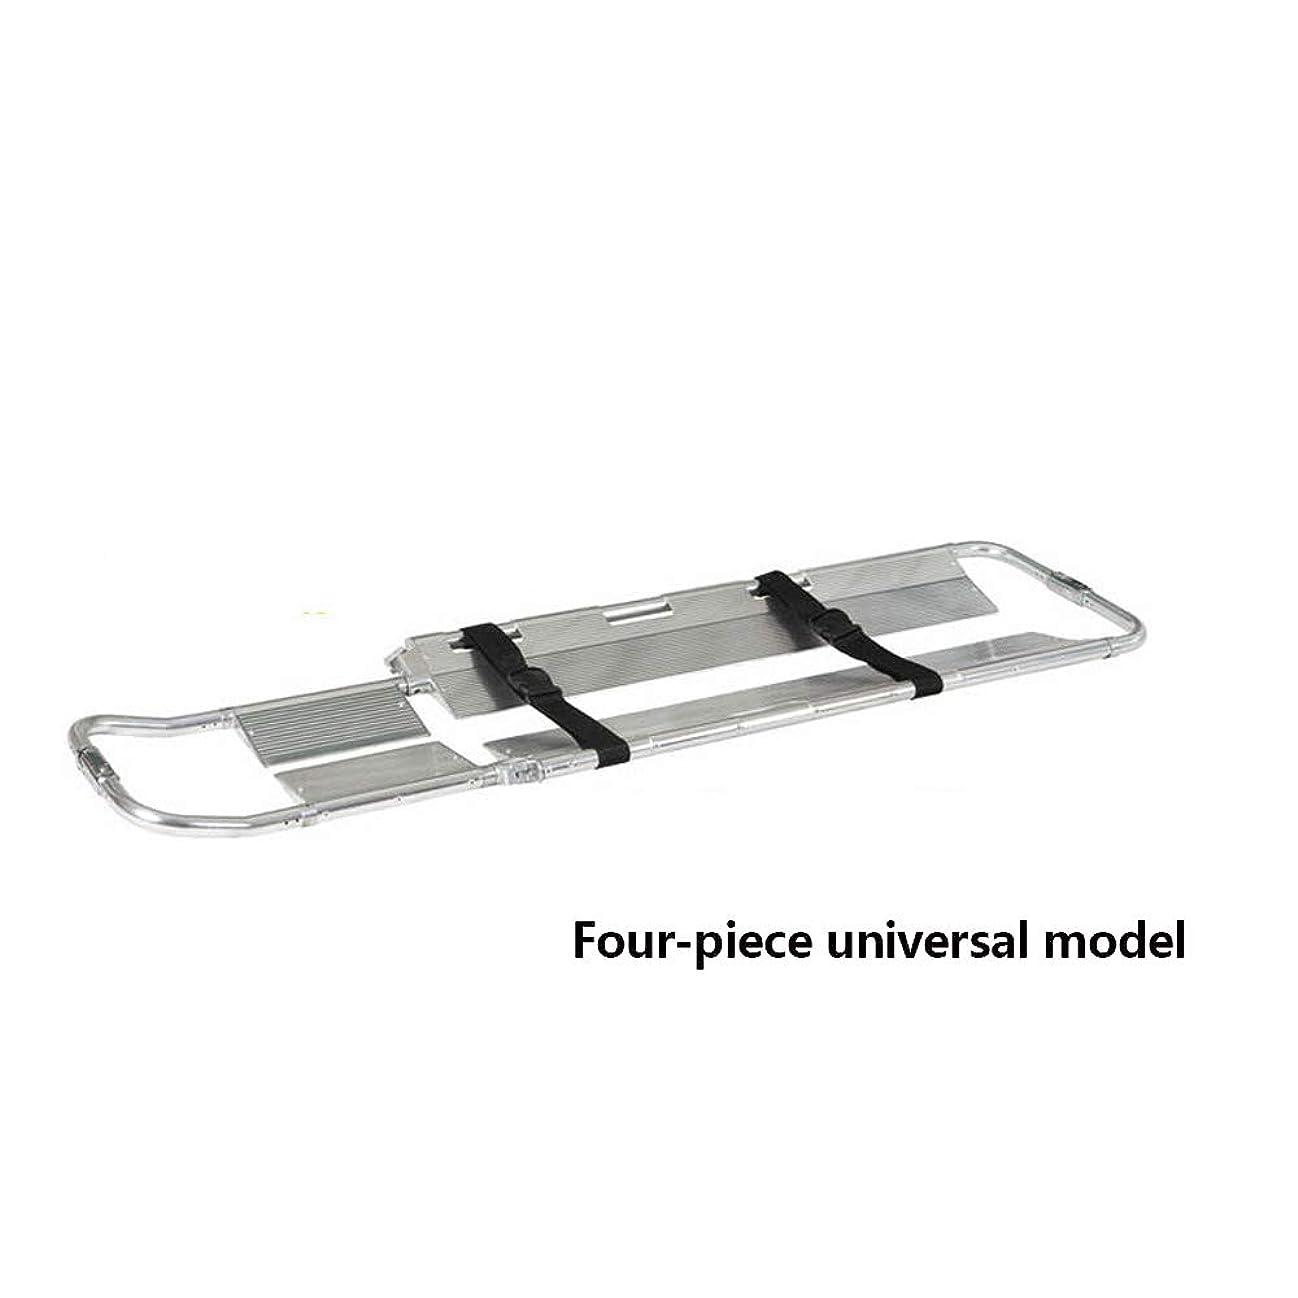 印刷する程度サイトライン救急処置の伸張器、折るアルミニウムシャベルの伸張器,4piece